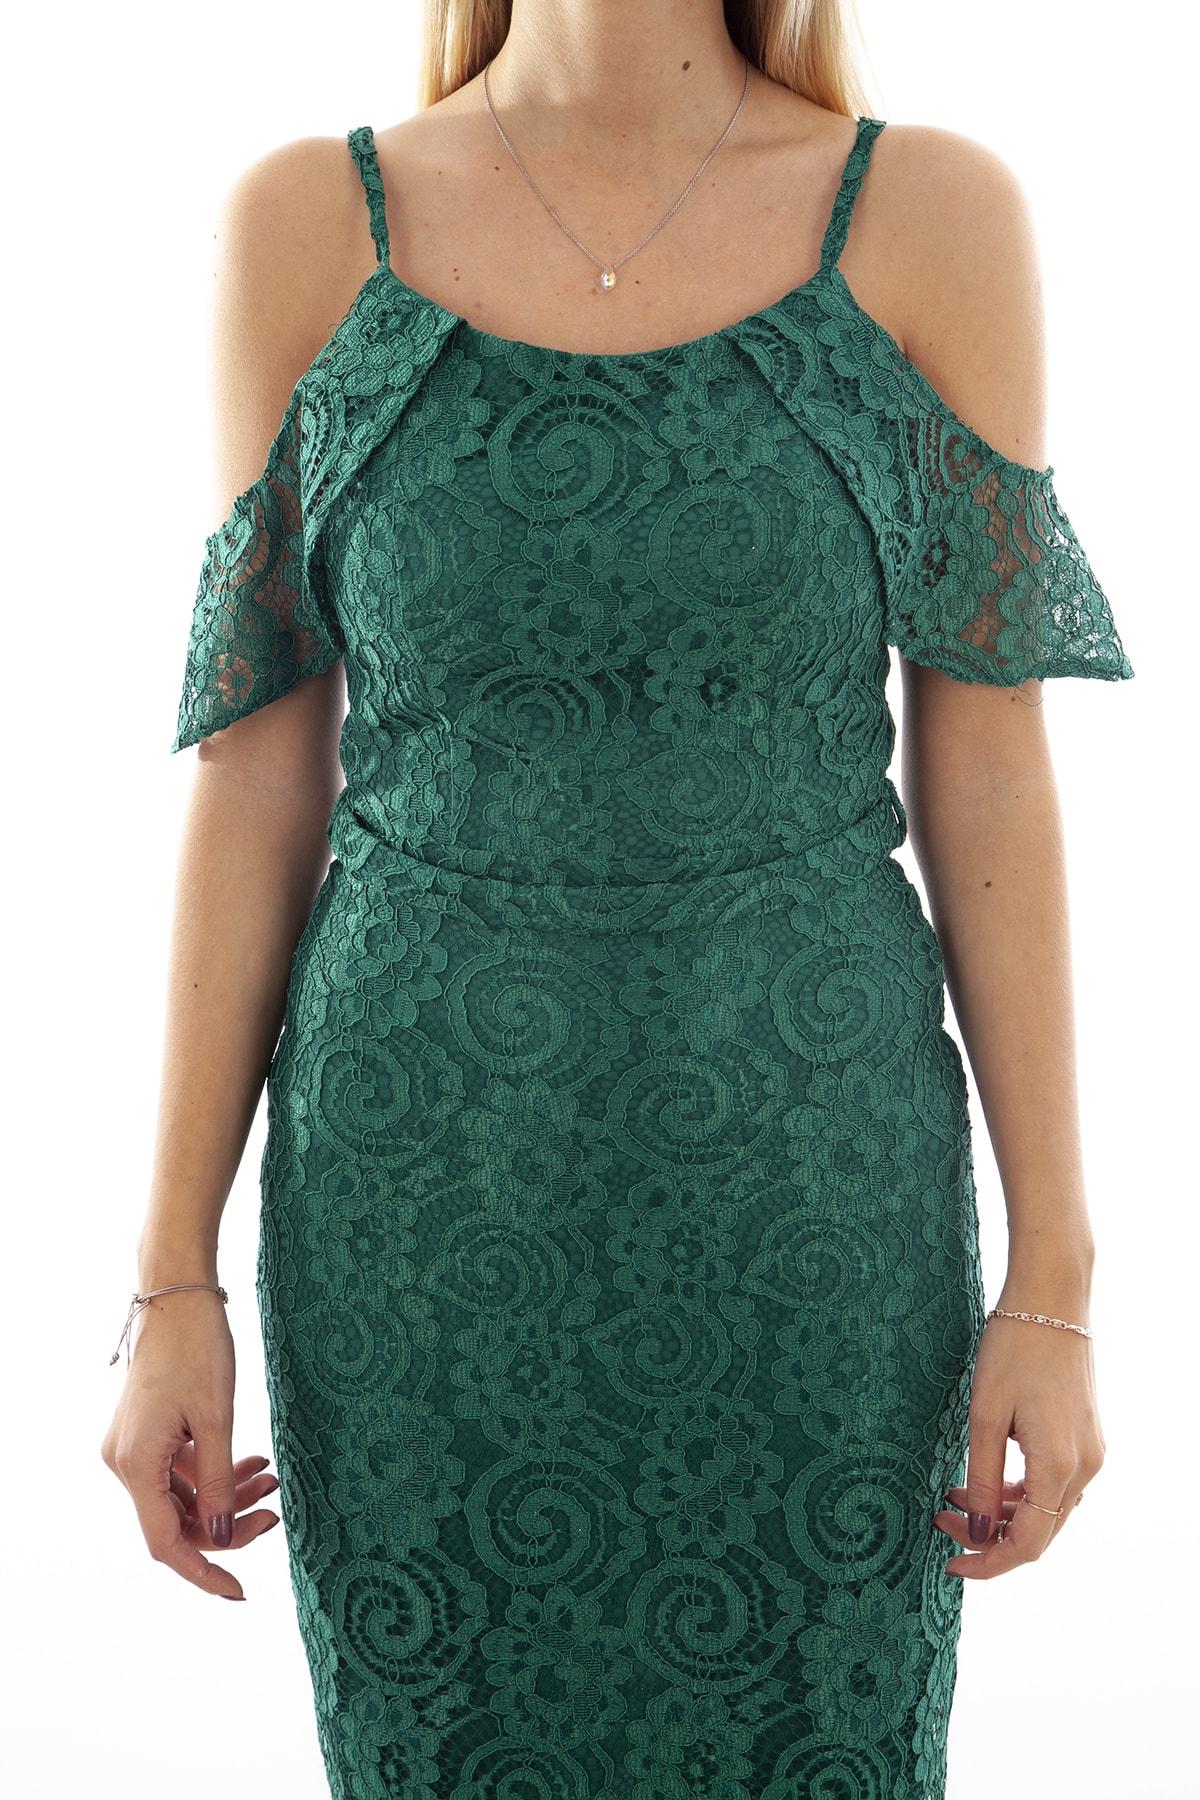 Ardanewline Kadın Yesıl Elbise 130122-10 1